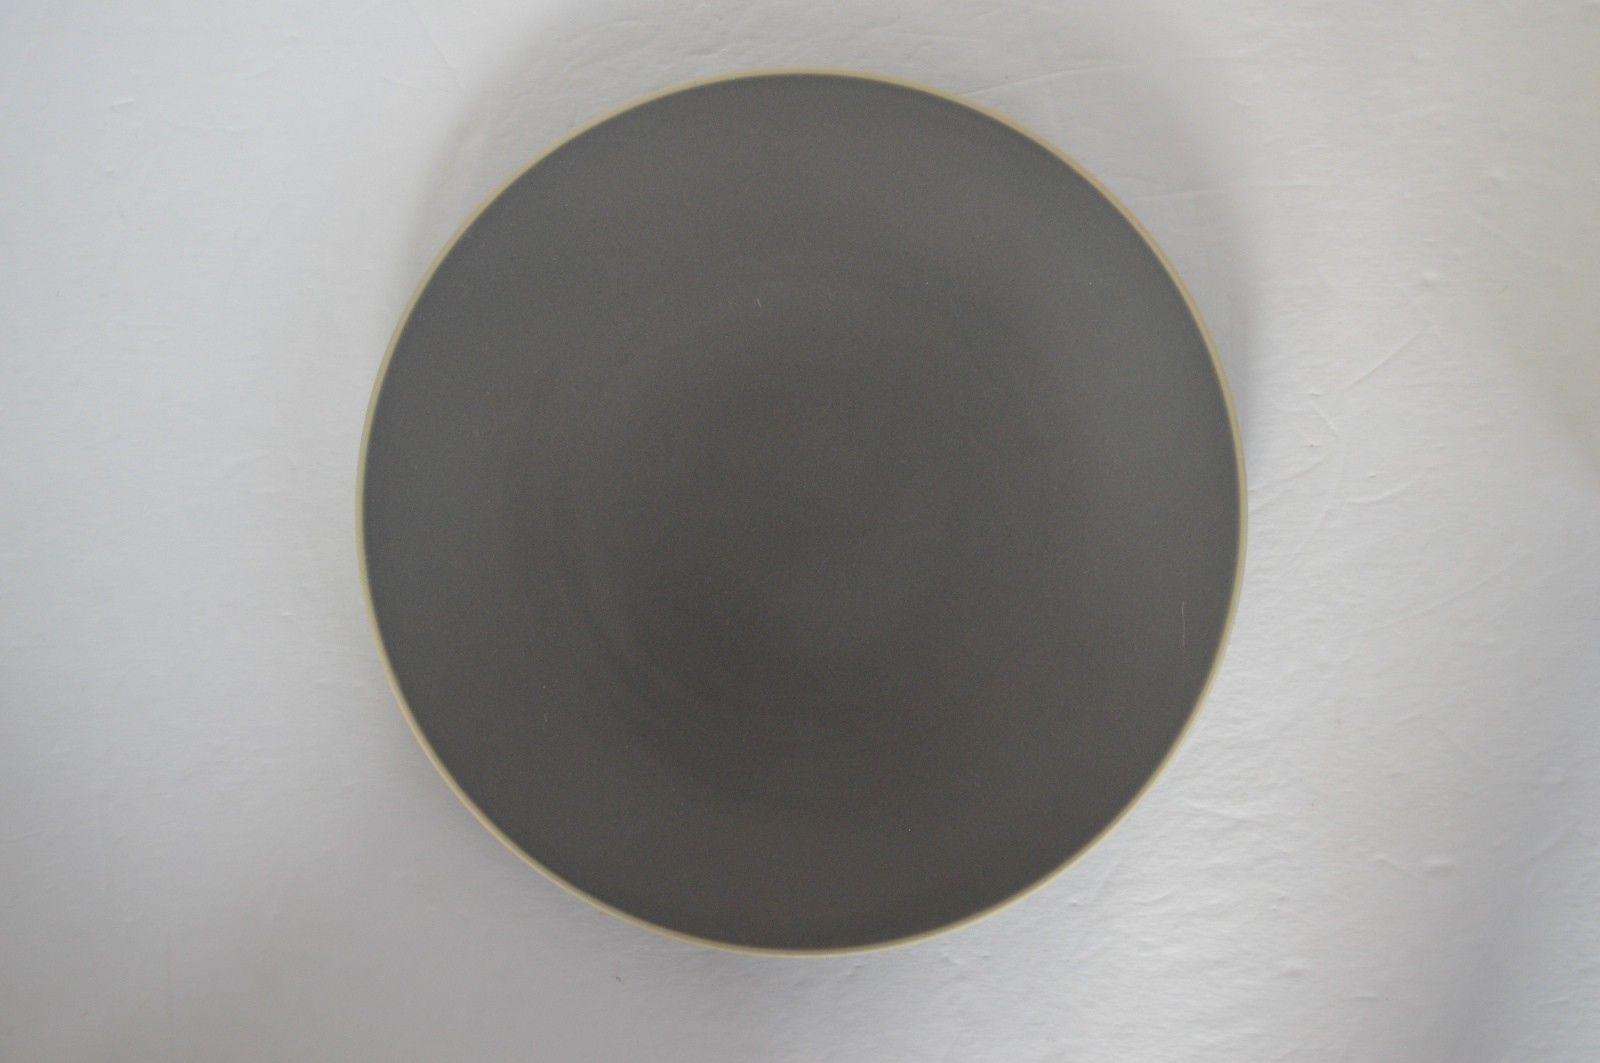 32f7d652c9e New Wedgwood Vera Wang Vera Color Salad and 26 similar items. S l1600